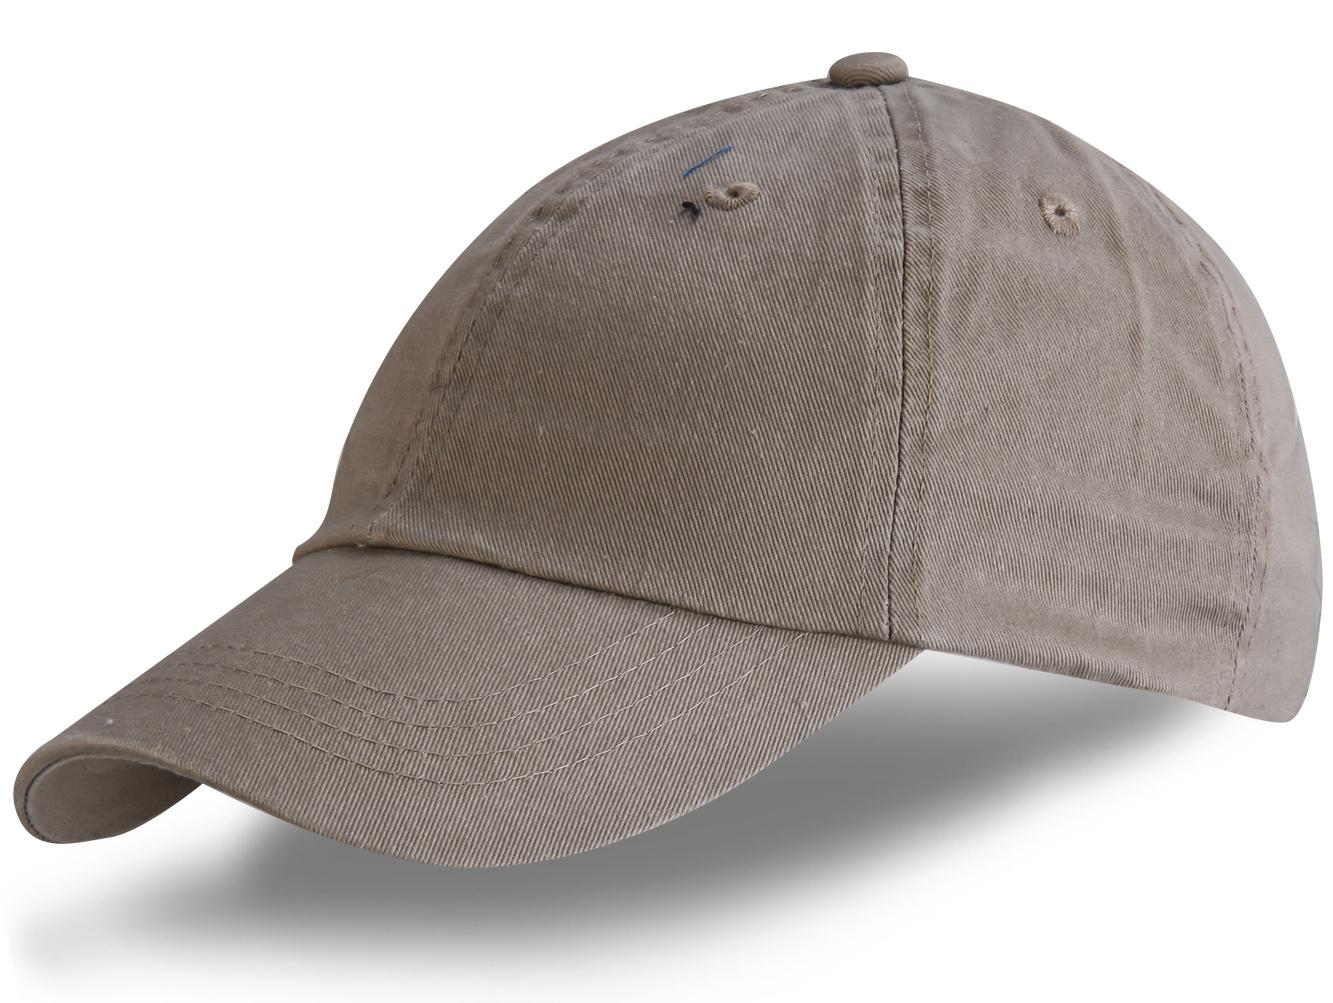 Летняя кепка - купить в интернет-магазине с доставкой